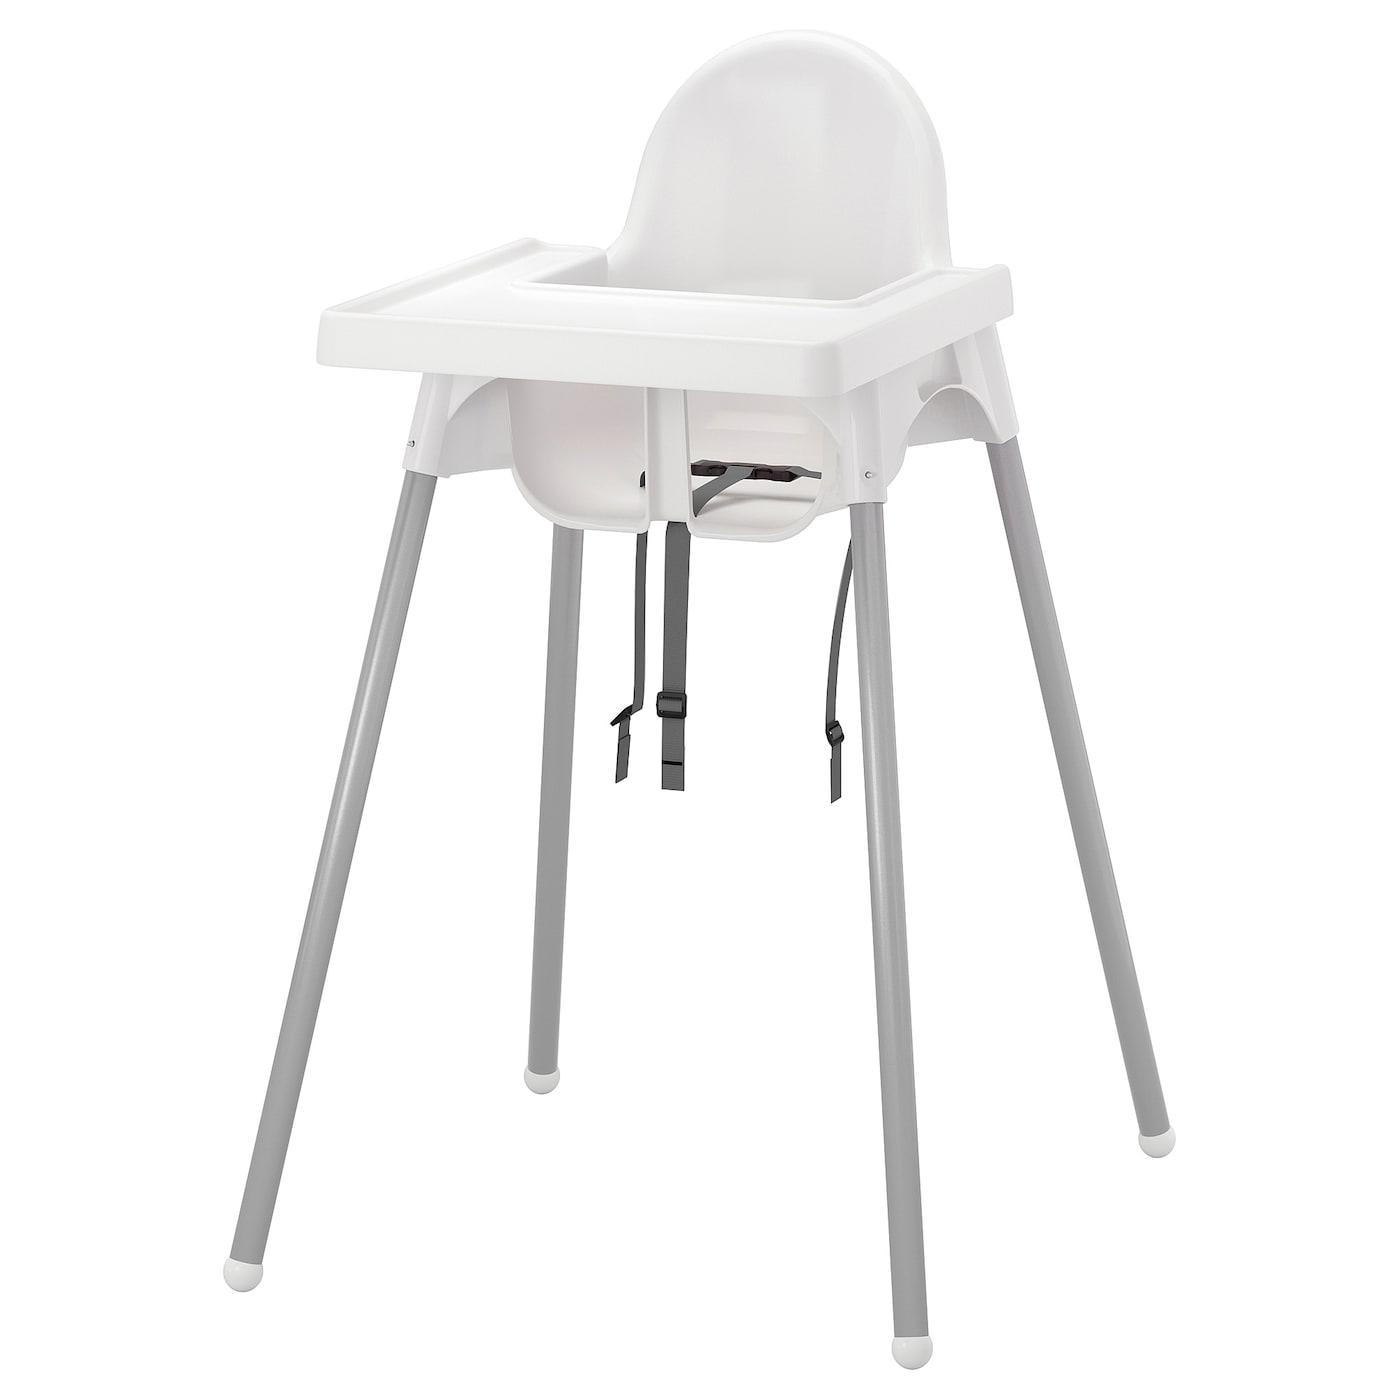 Fonkelnieuw ANTILOP Hoge kinderstoel met blad, zilverkleur wit, zilverkleur - IKEA LG-48